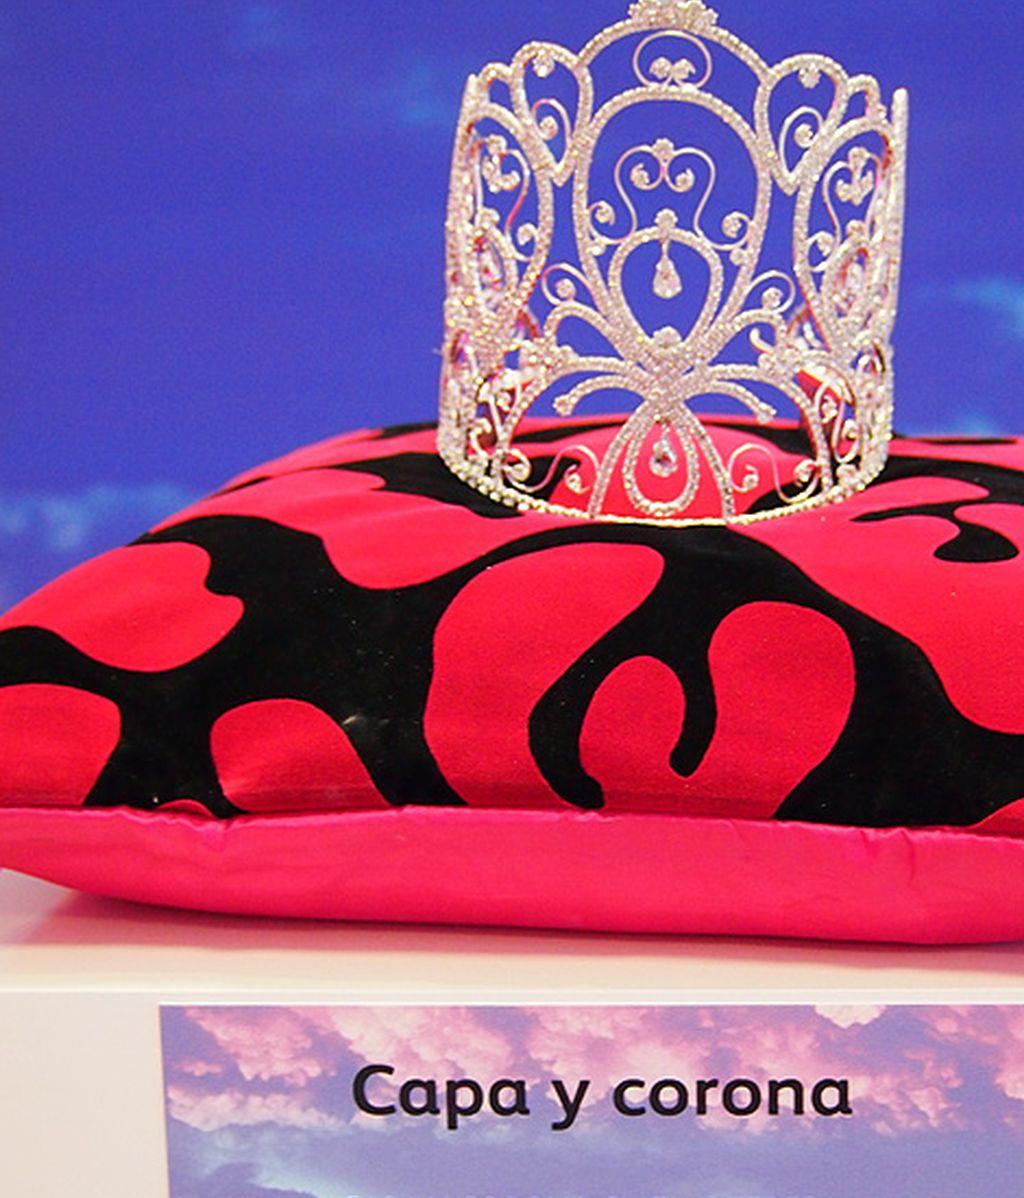 La corona de la reina de 'Sálvame'